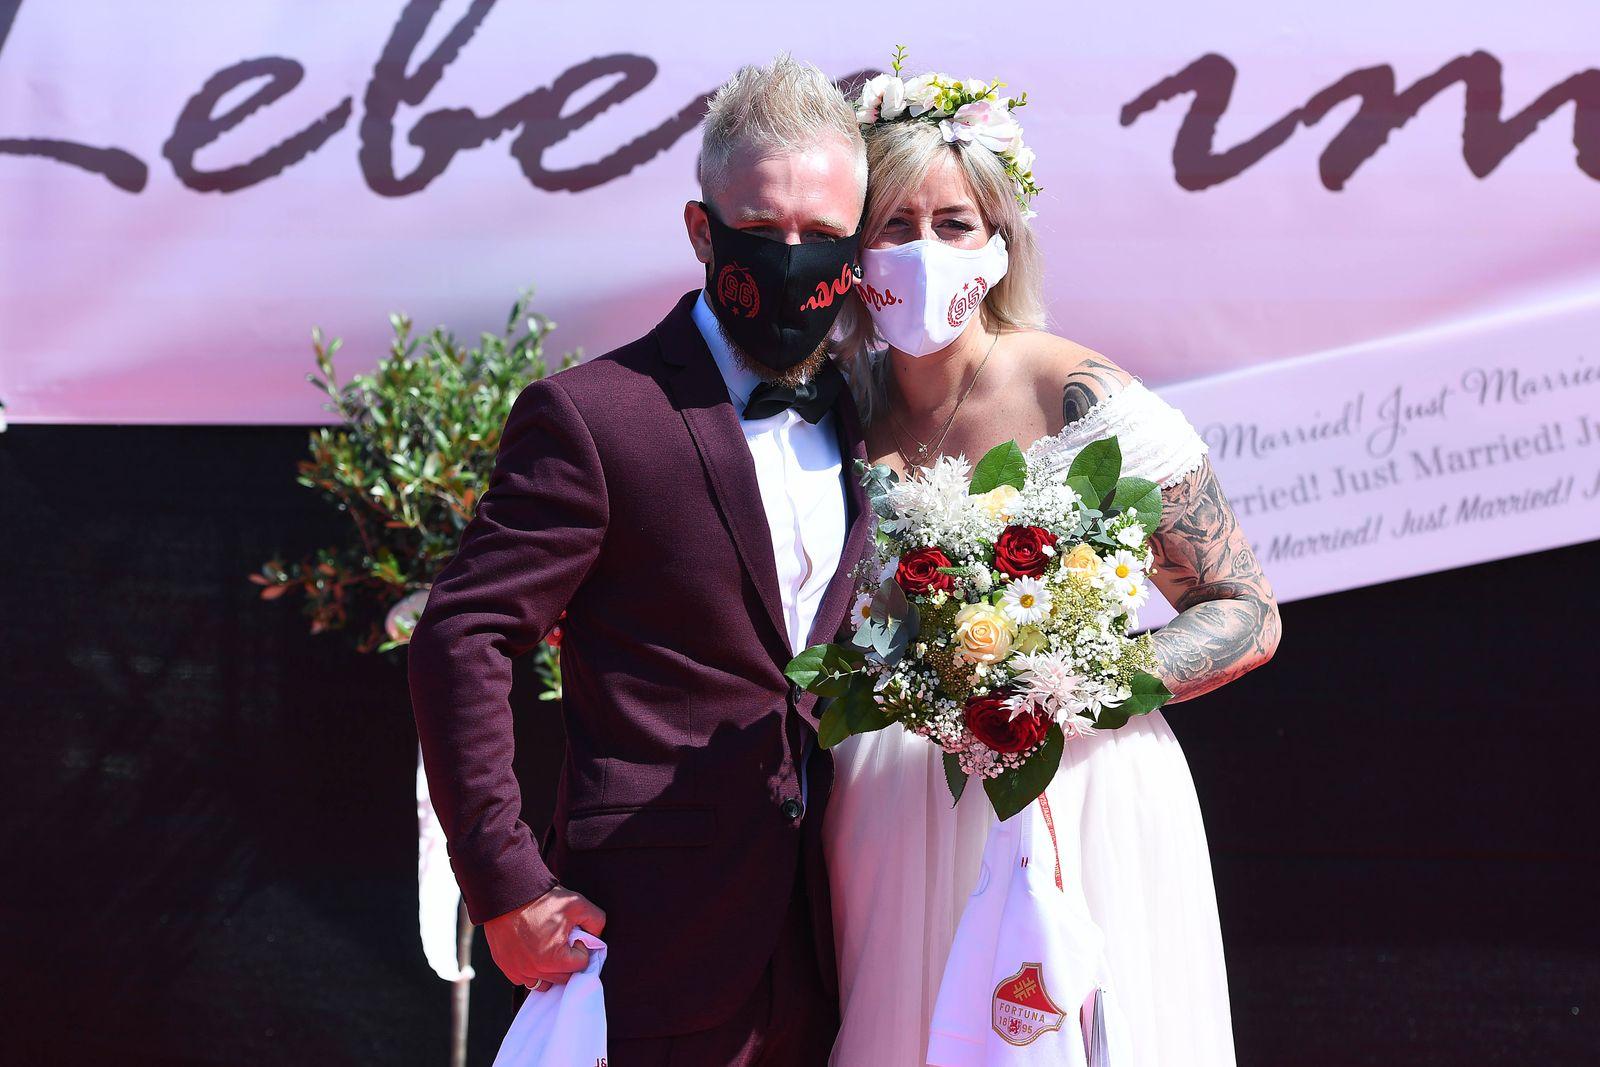 Coronavirus - Hochzeit im Autokino 05.05.2020, Nordrhein-Westfalen, Düsseldorf: Das Brautpaar Janine und Philip Scholz